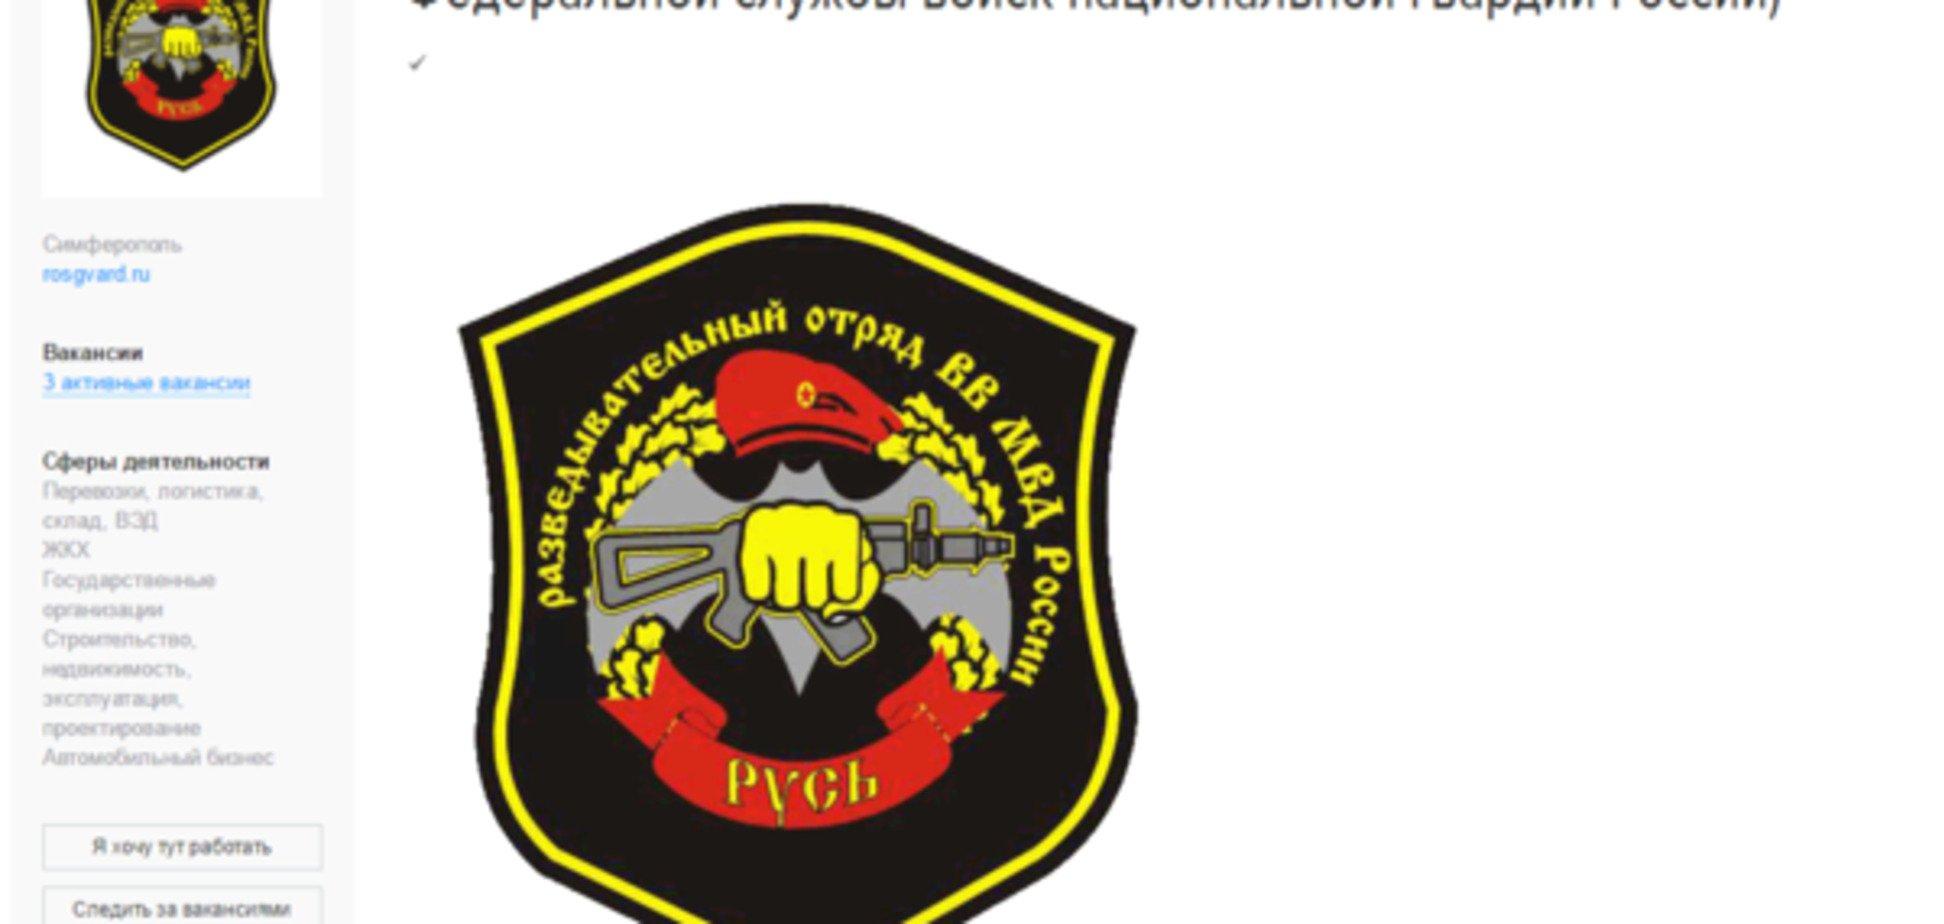 Помогаете землю удобрять? Украинские хедхантеры разместили вакансии от оккупантов в Крыму